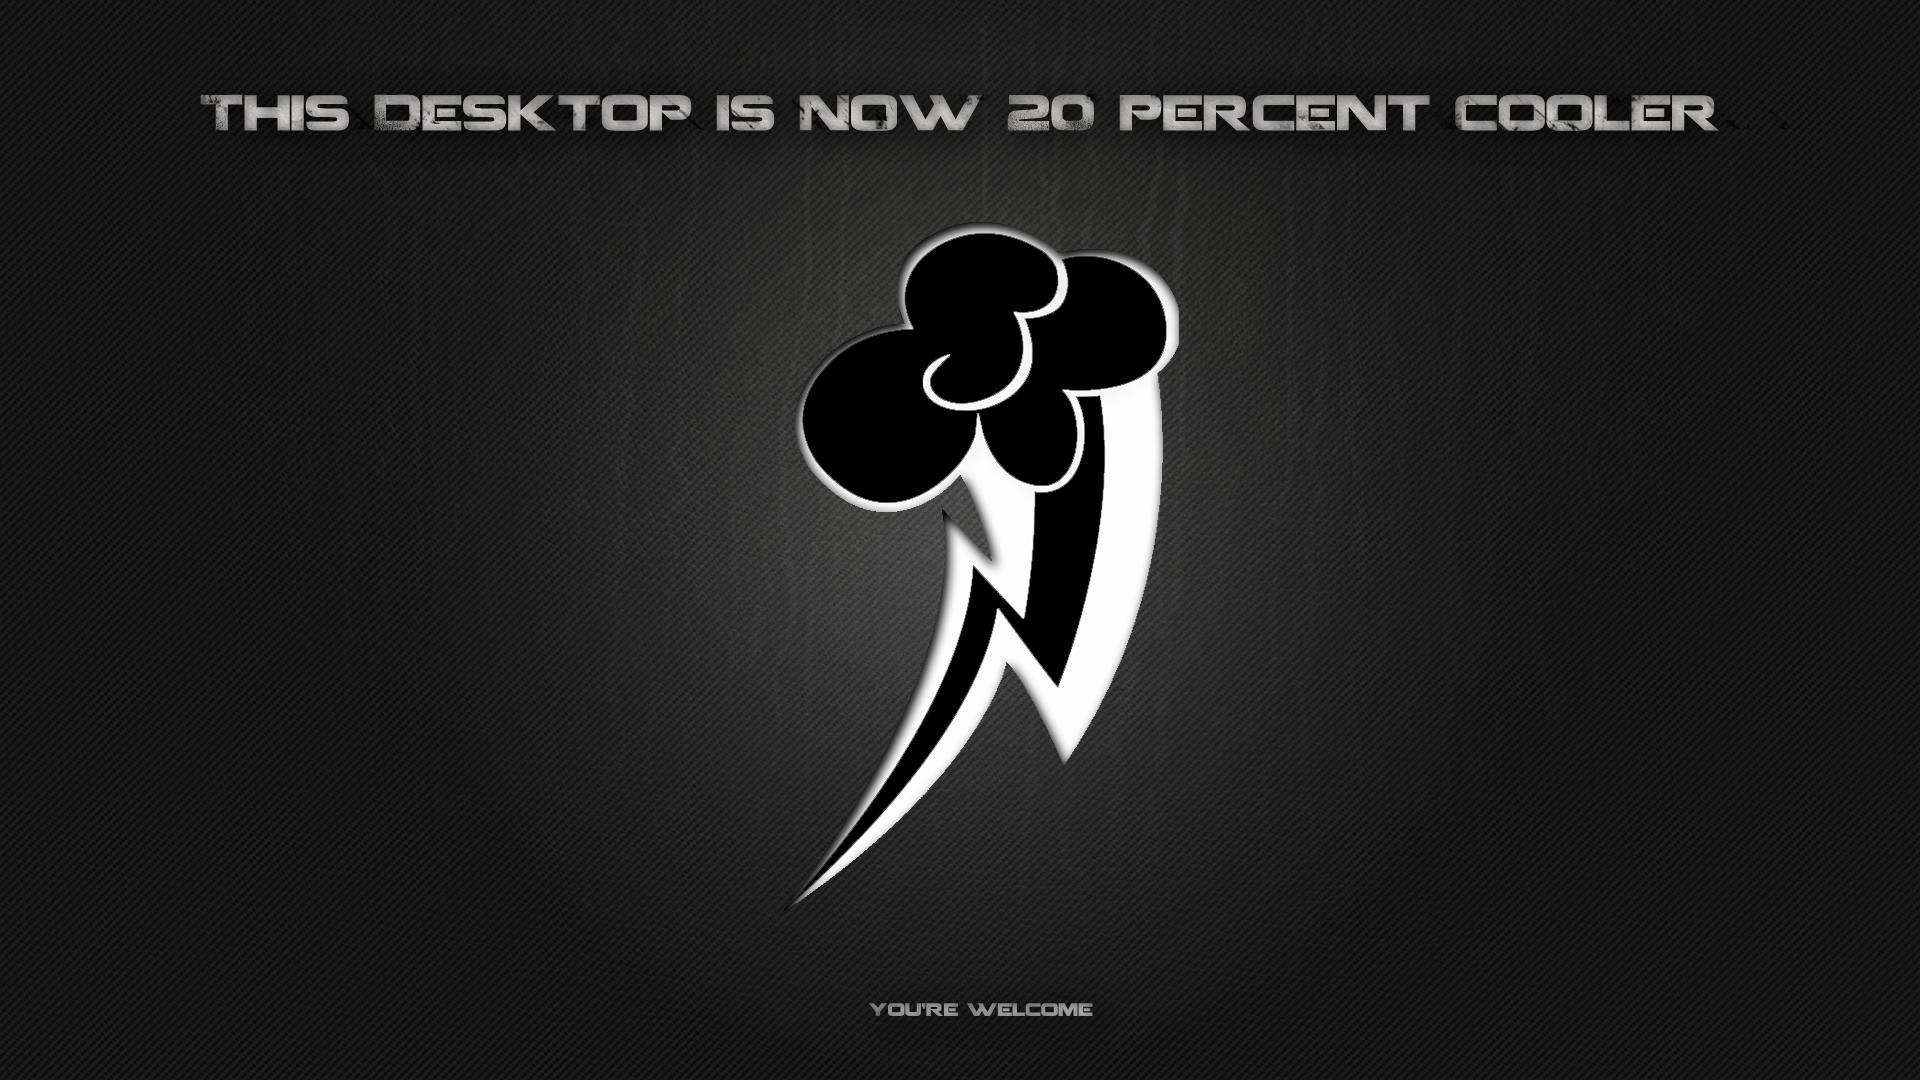 Dash makes any desktop cooler by CarmineBurner